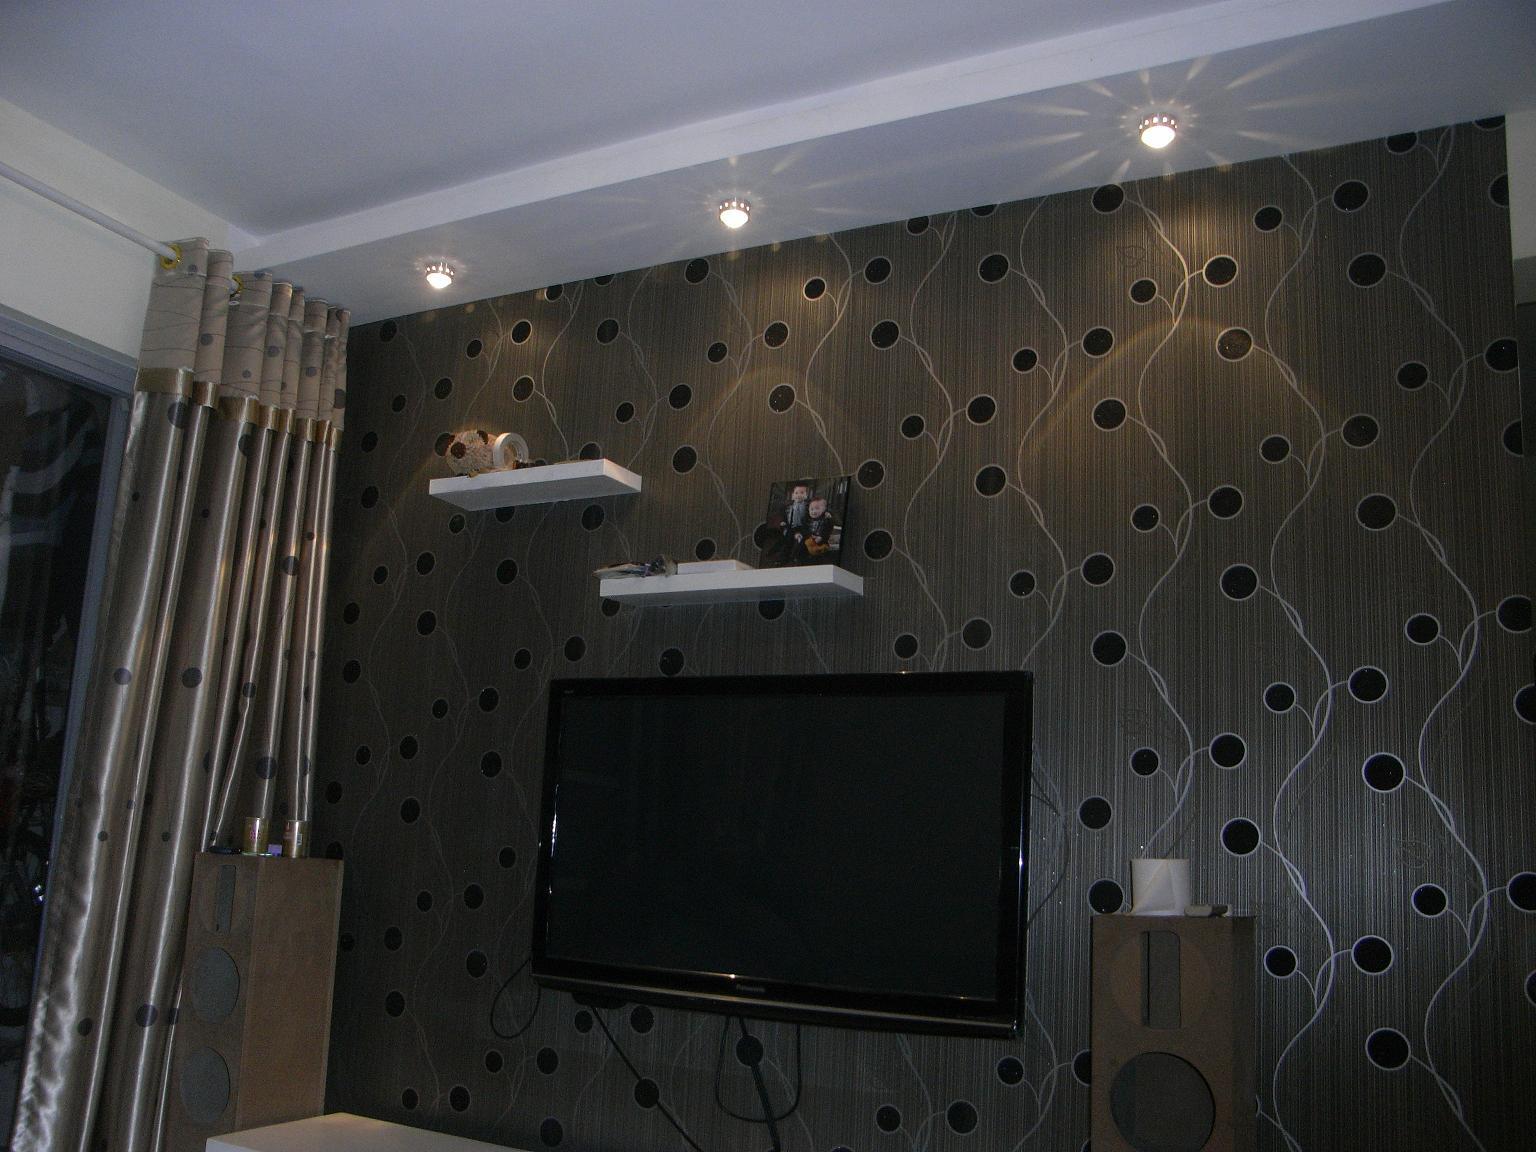 电视背景墙纸分类 电视背景墙纸选购技巧